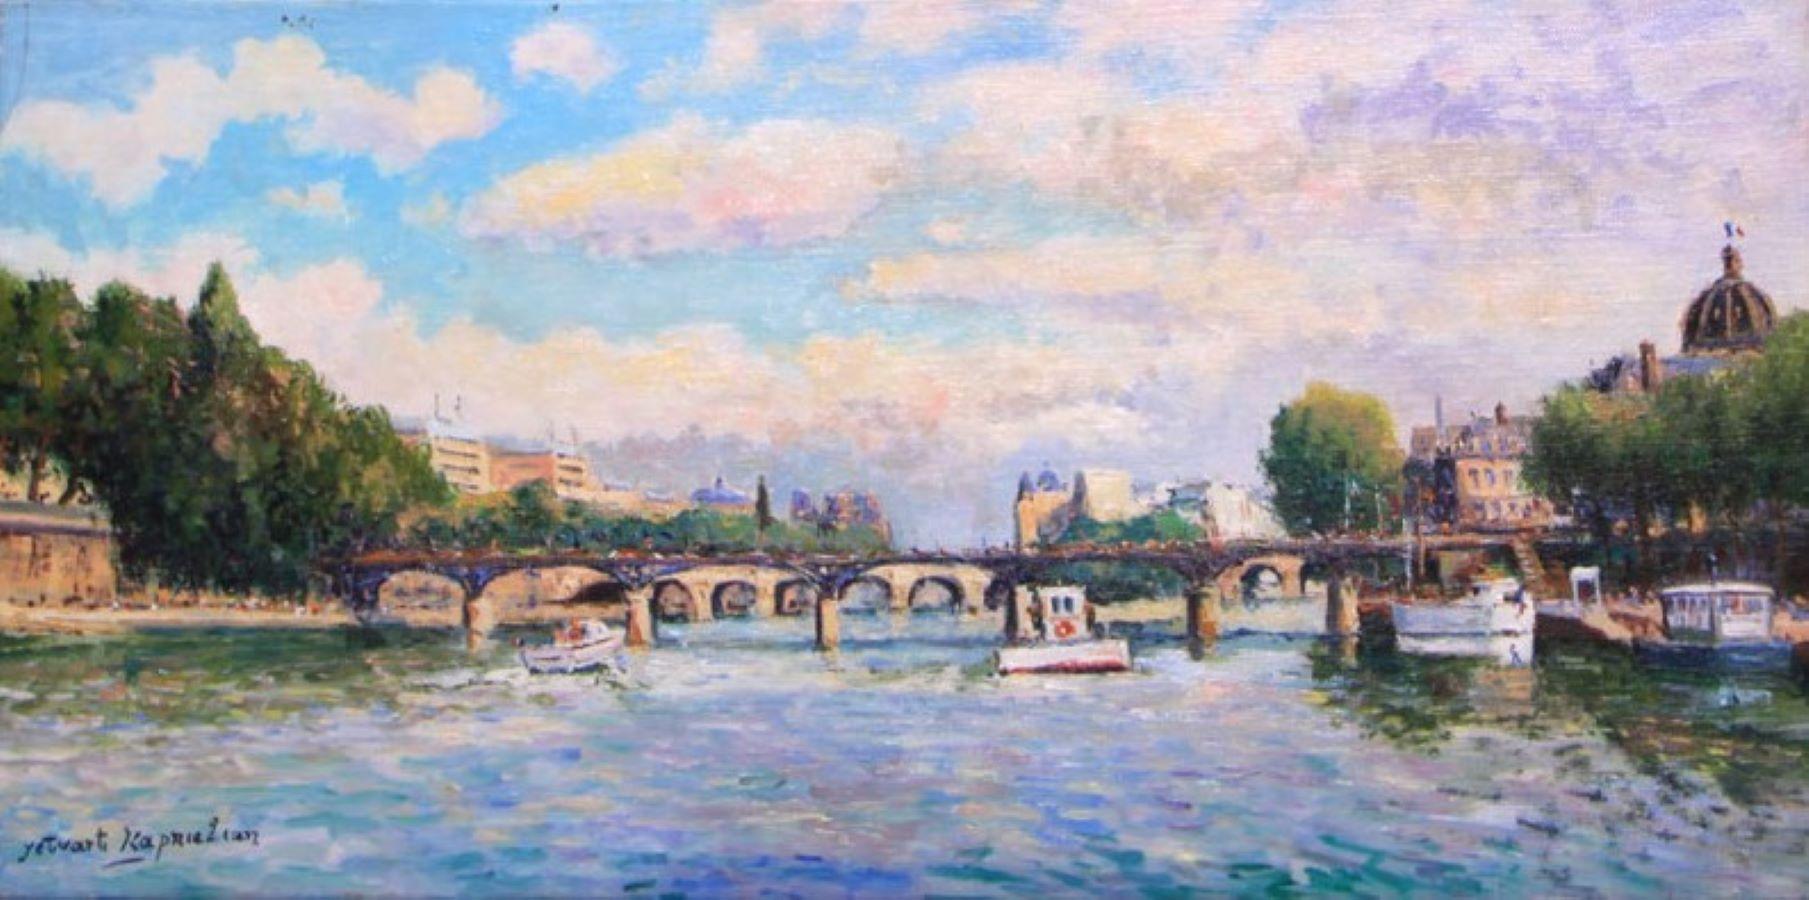 Le Pont des Arts, Paris-Original Oil on Canvas, Signed by Artist